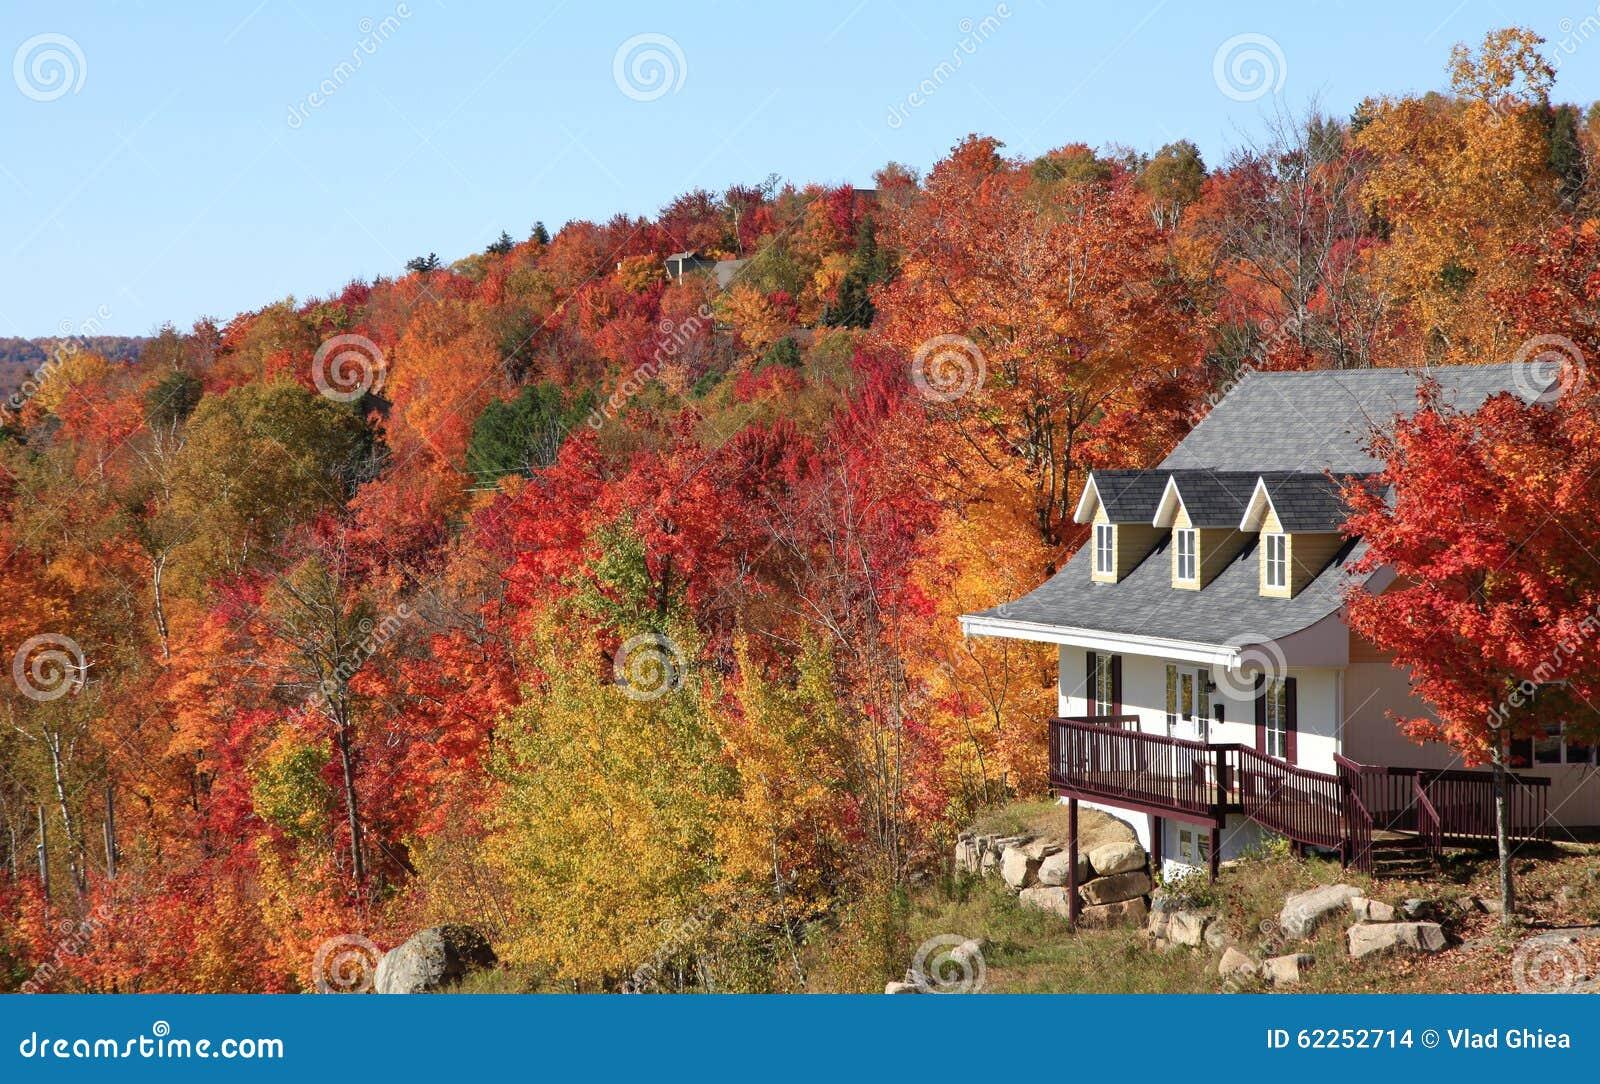 Villa En Automne Mont Tremblant Qu 233 Bec Photo Stock Image 62252714